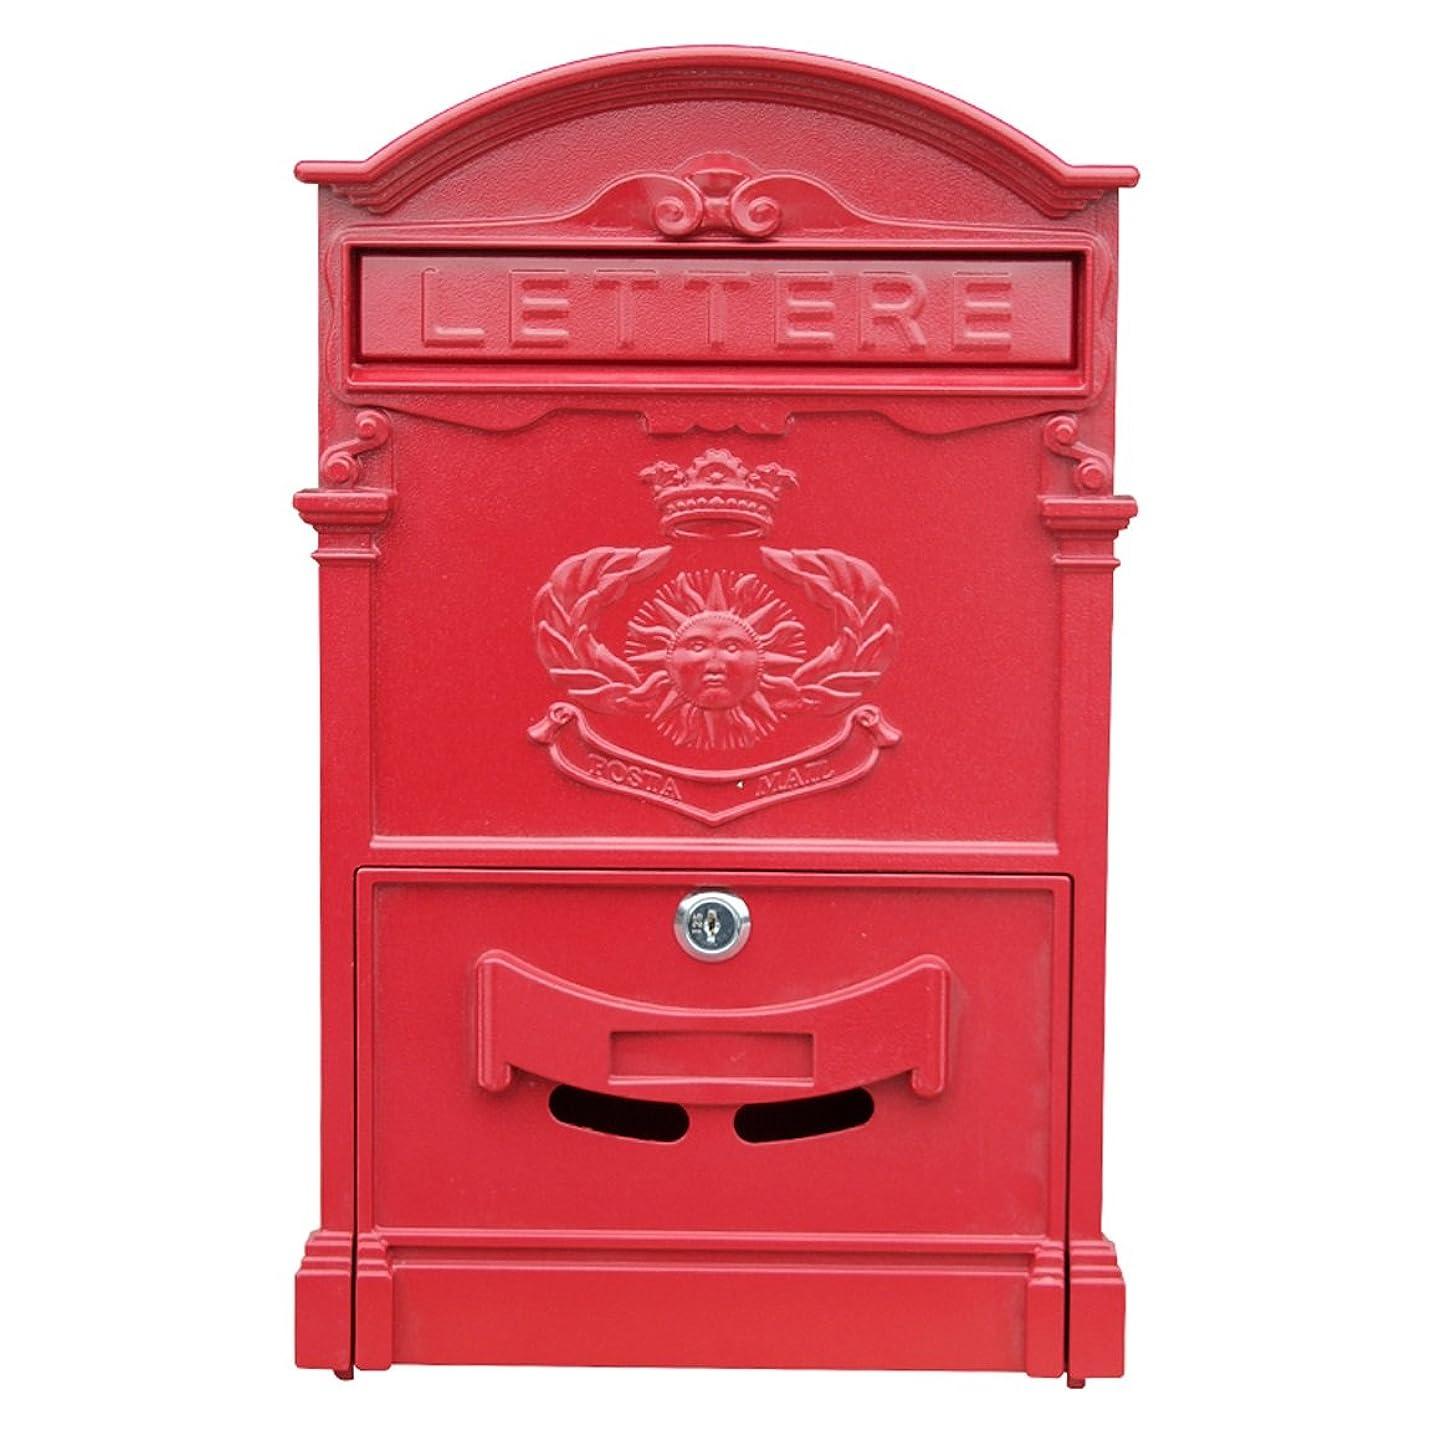 売上高優しいマサッチョHZBb ヨーロッパの郵便箱ヴィラの郵便箱屋外創造的な壁掛けられた郵便箱防水大きい新聞の箱、壁掛けの装飾、タンジェリン赤